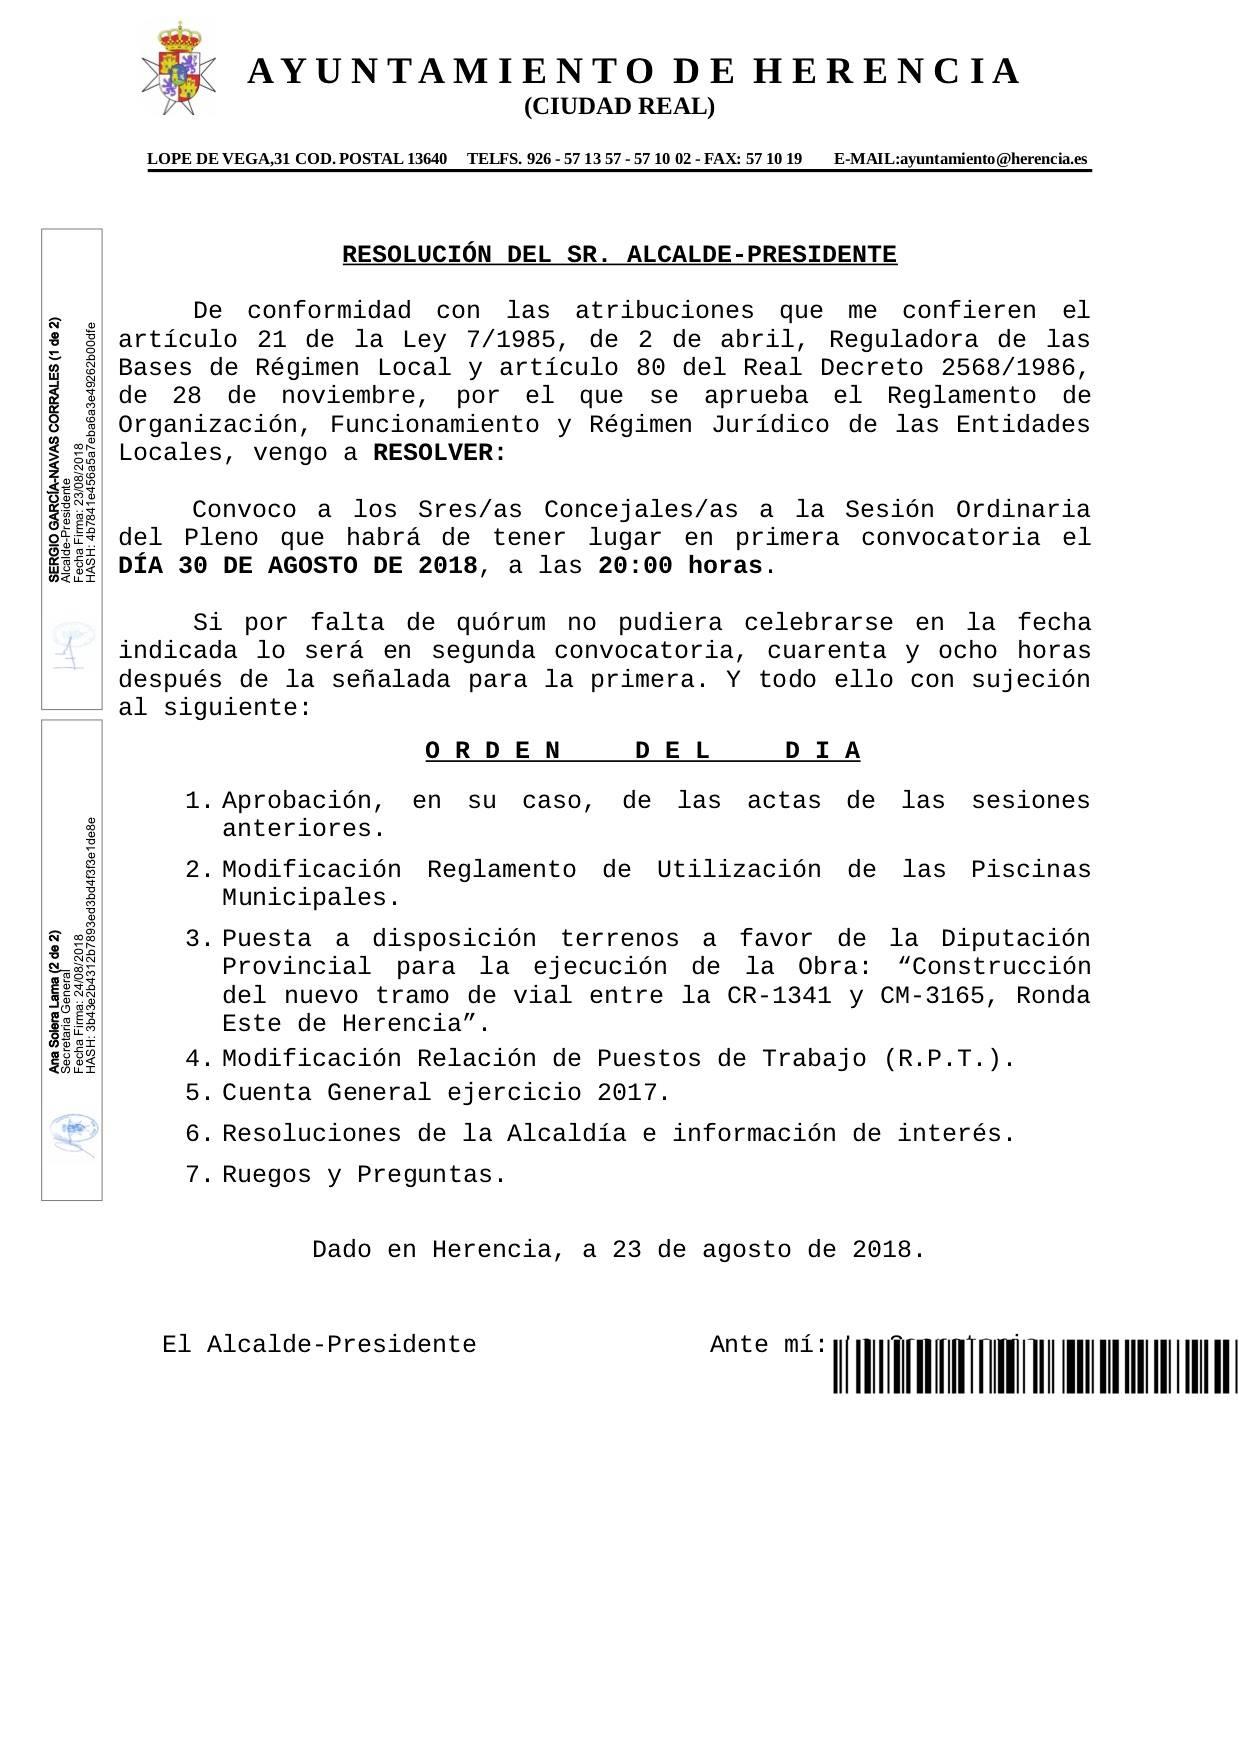 convocatoria pleno herencia 30 agosto 2018 - Próxima Sesión Ordinaria del Pleno de Herencia el 30 de agosto